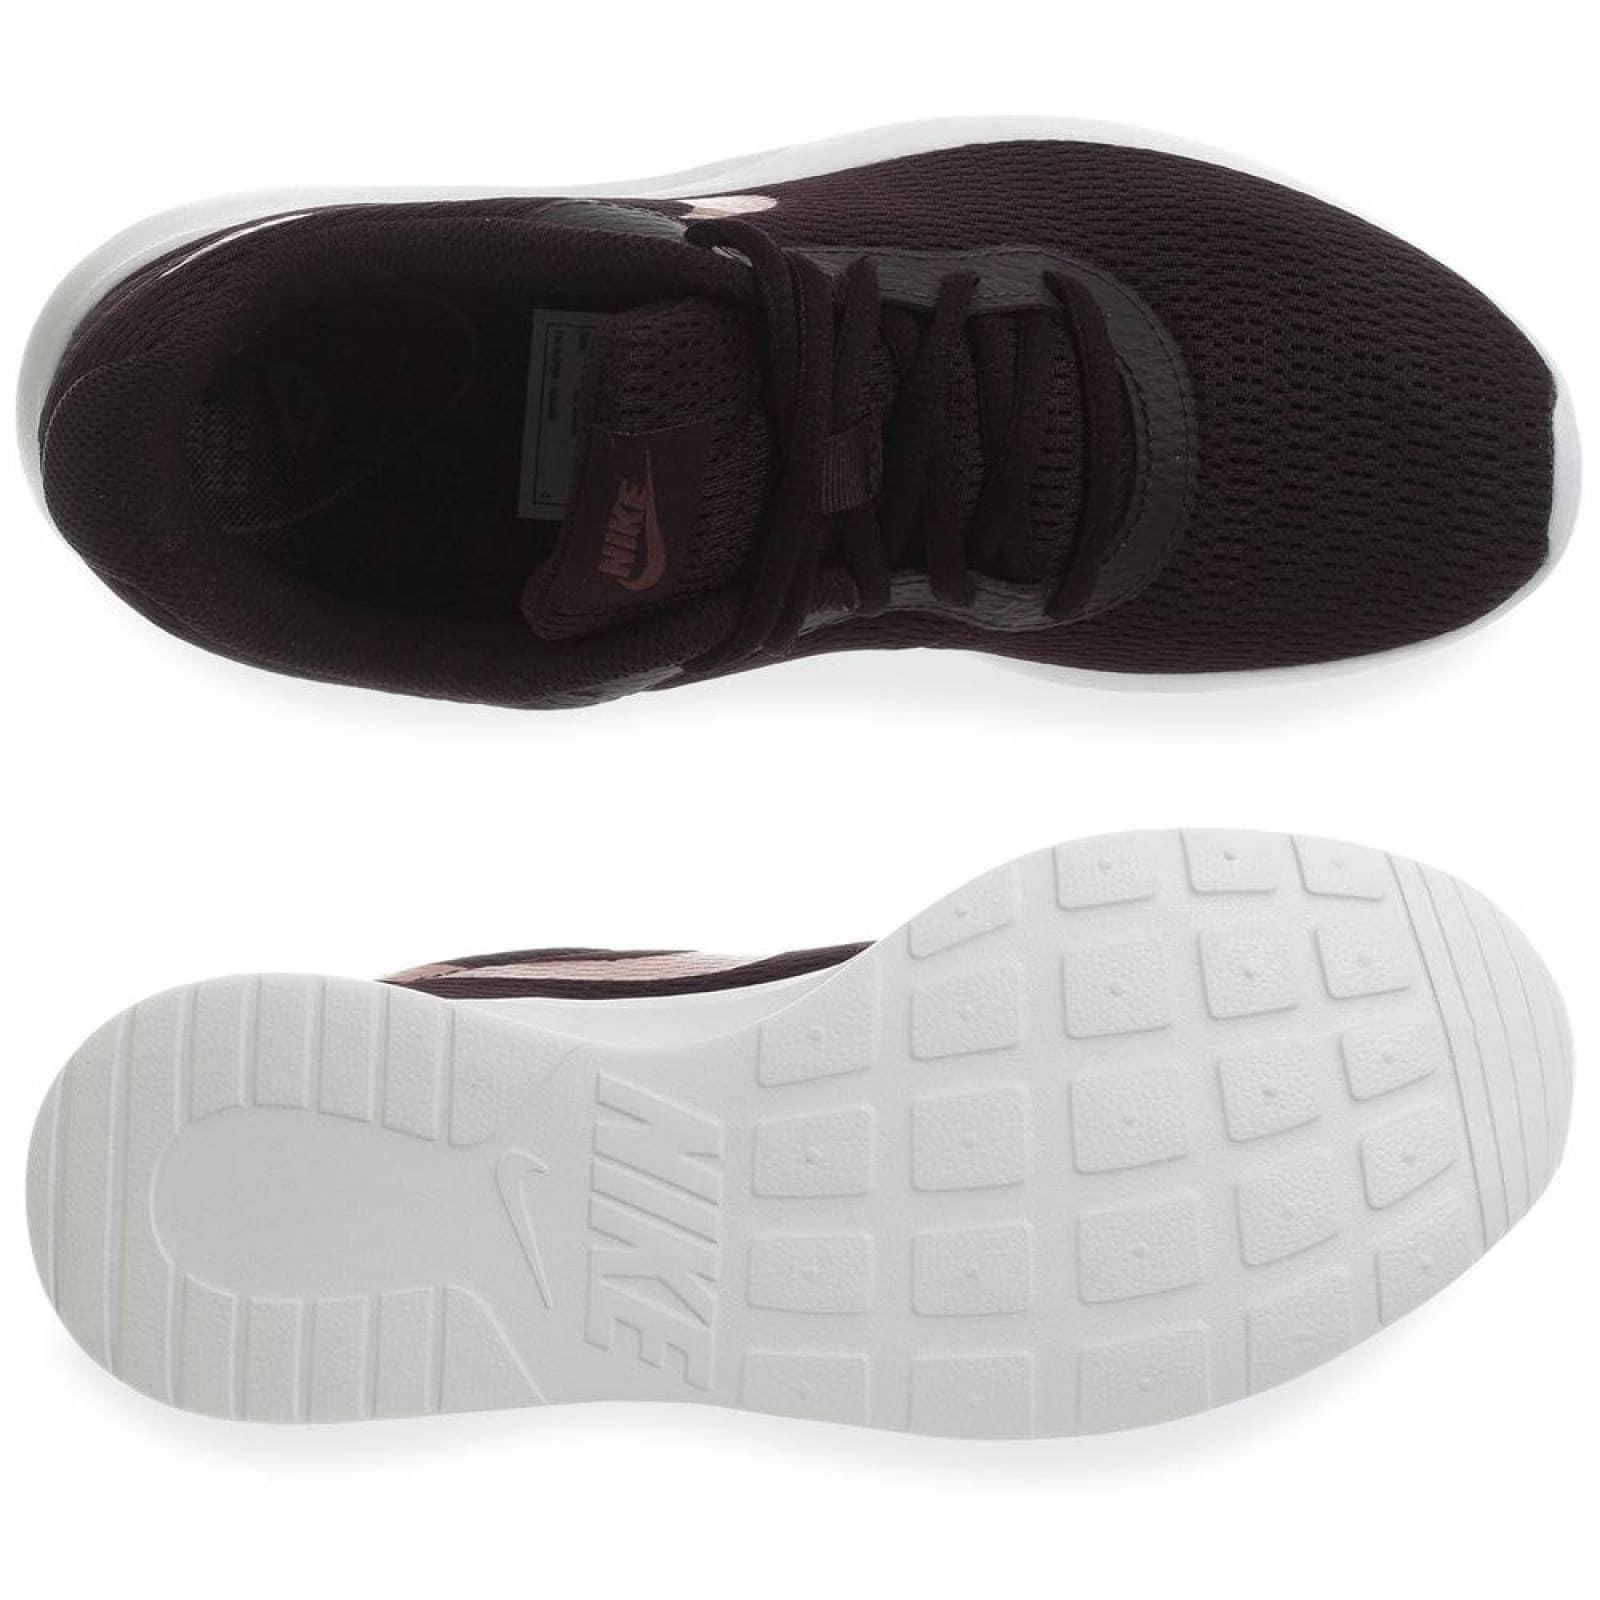 Tenis Nike Tanjun 812655607 Purpura Mujer